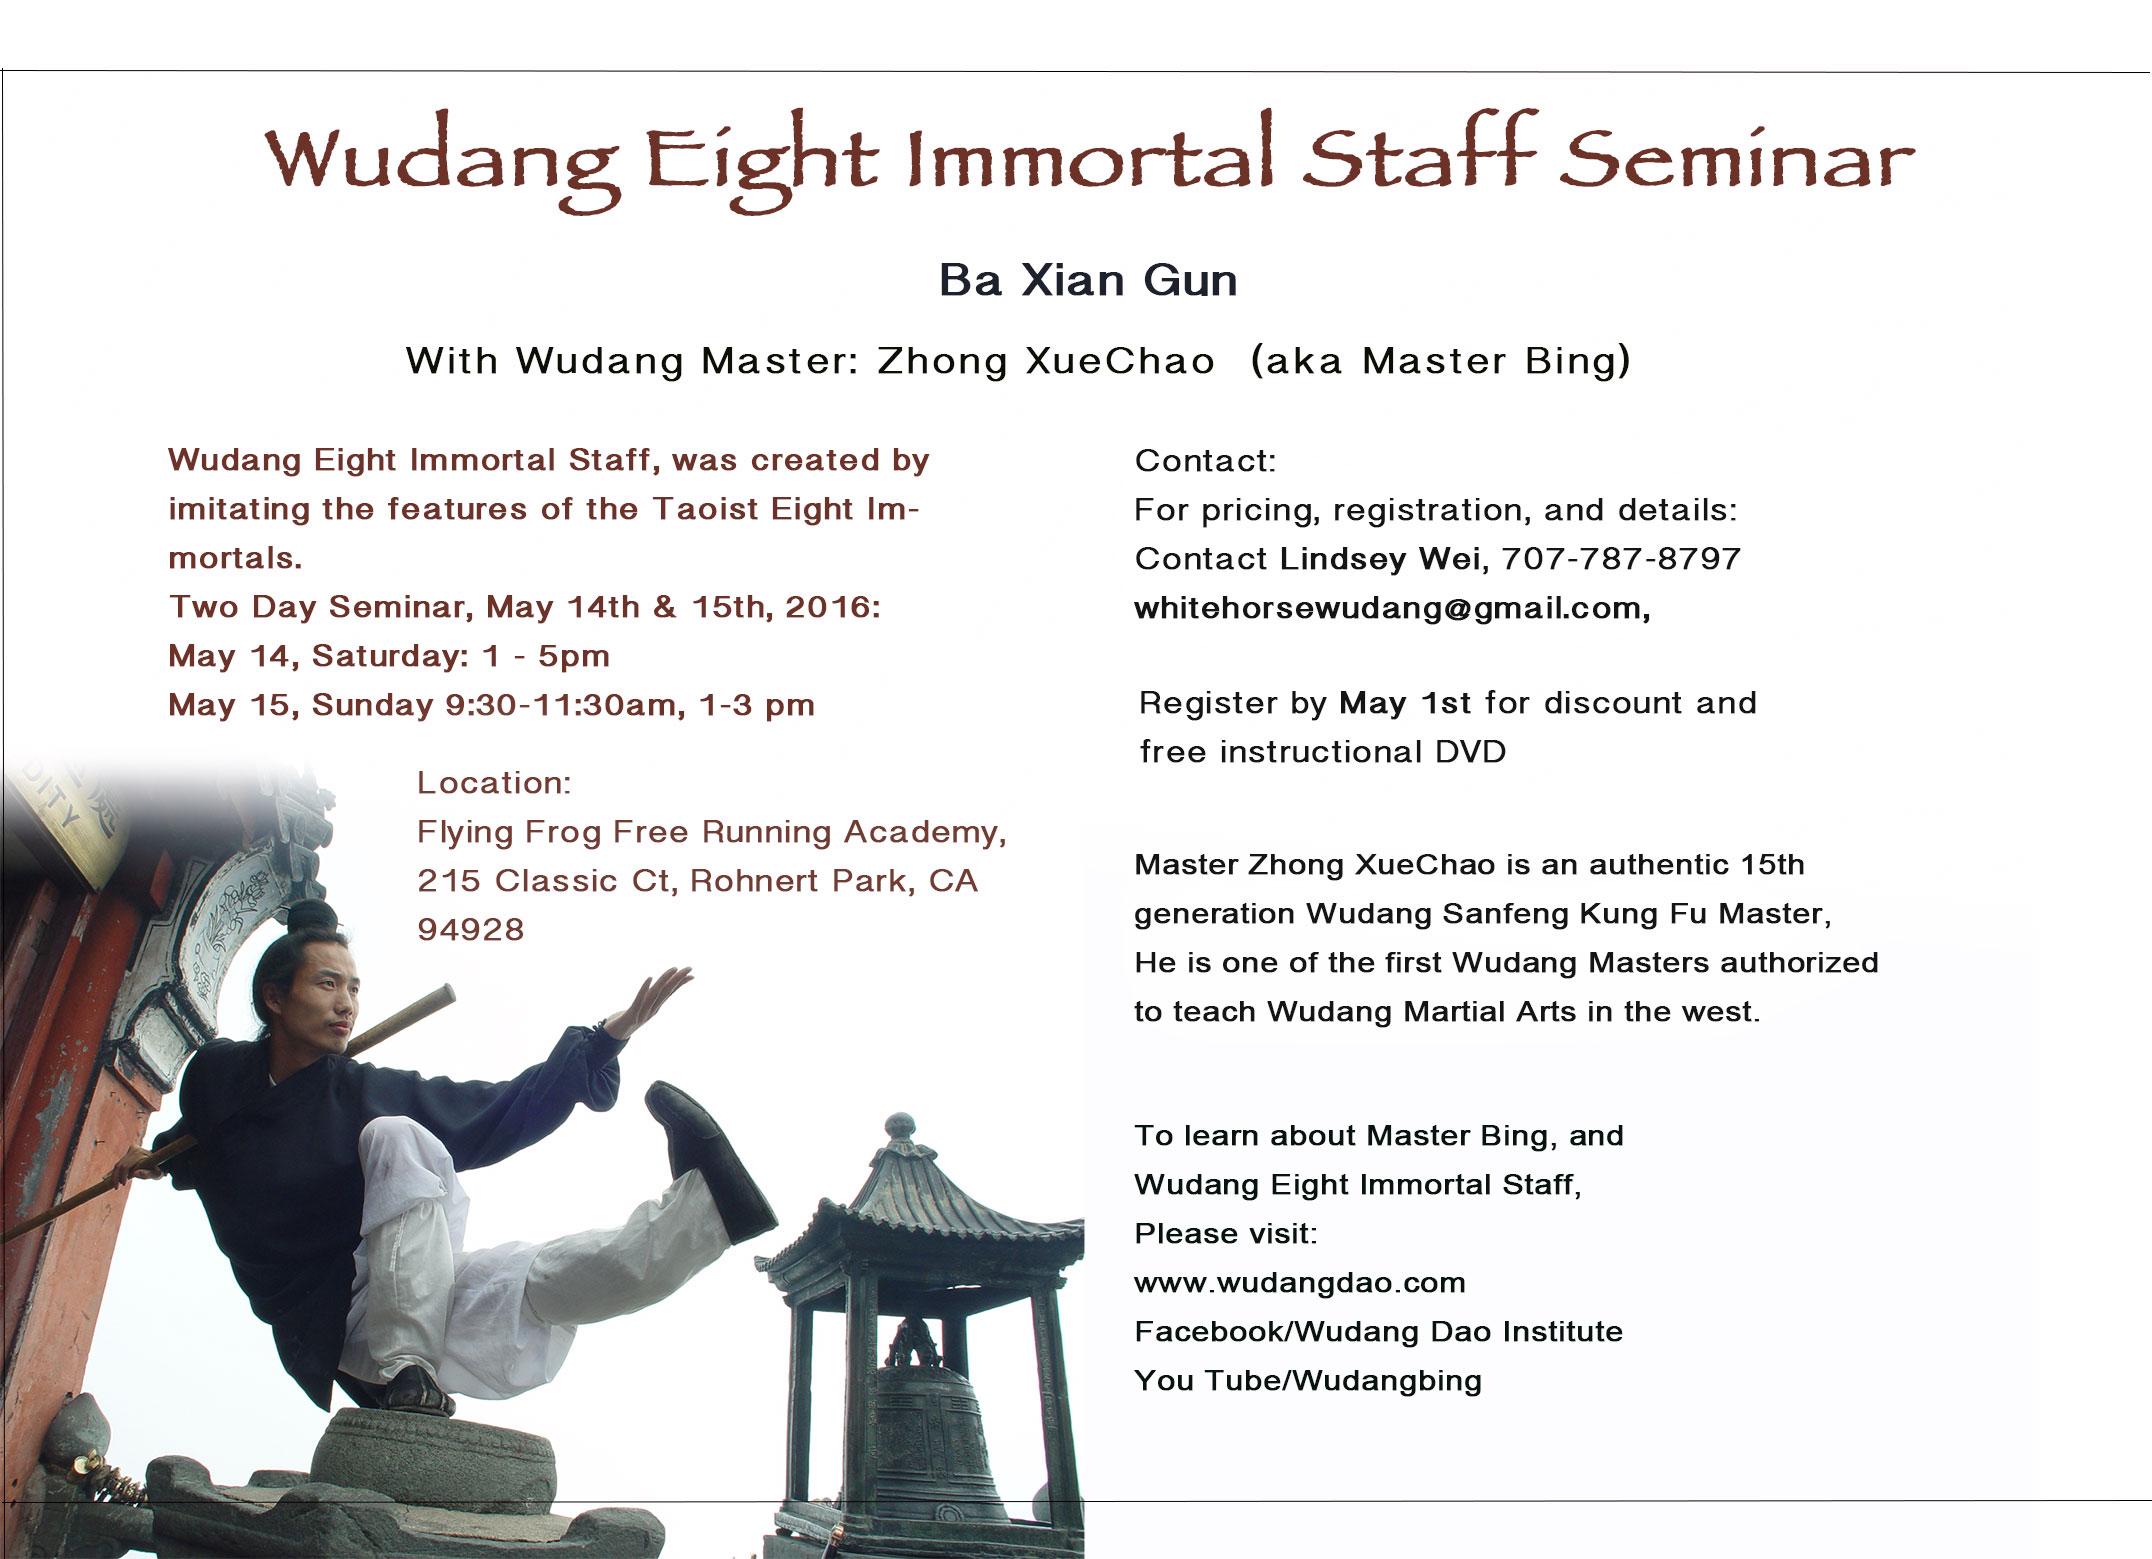 Wudang BaXian Hun Seminar